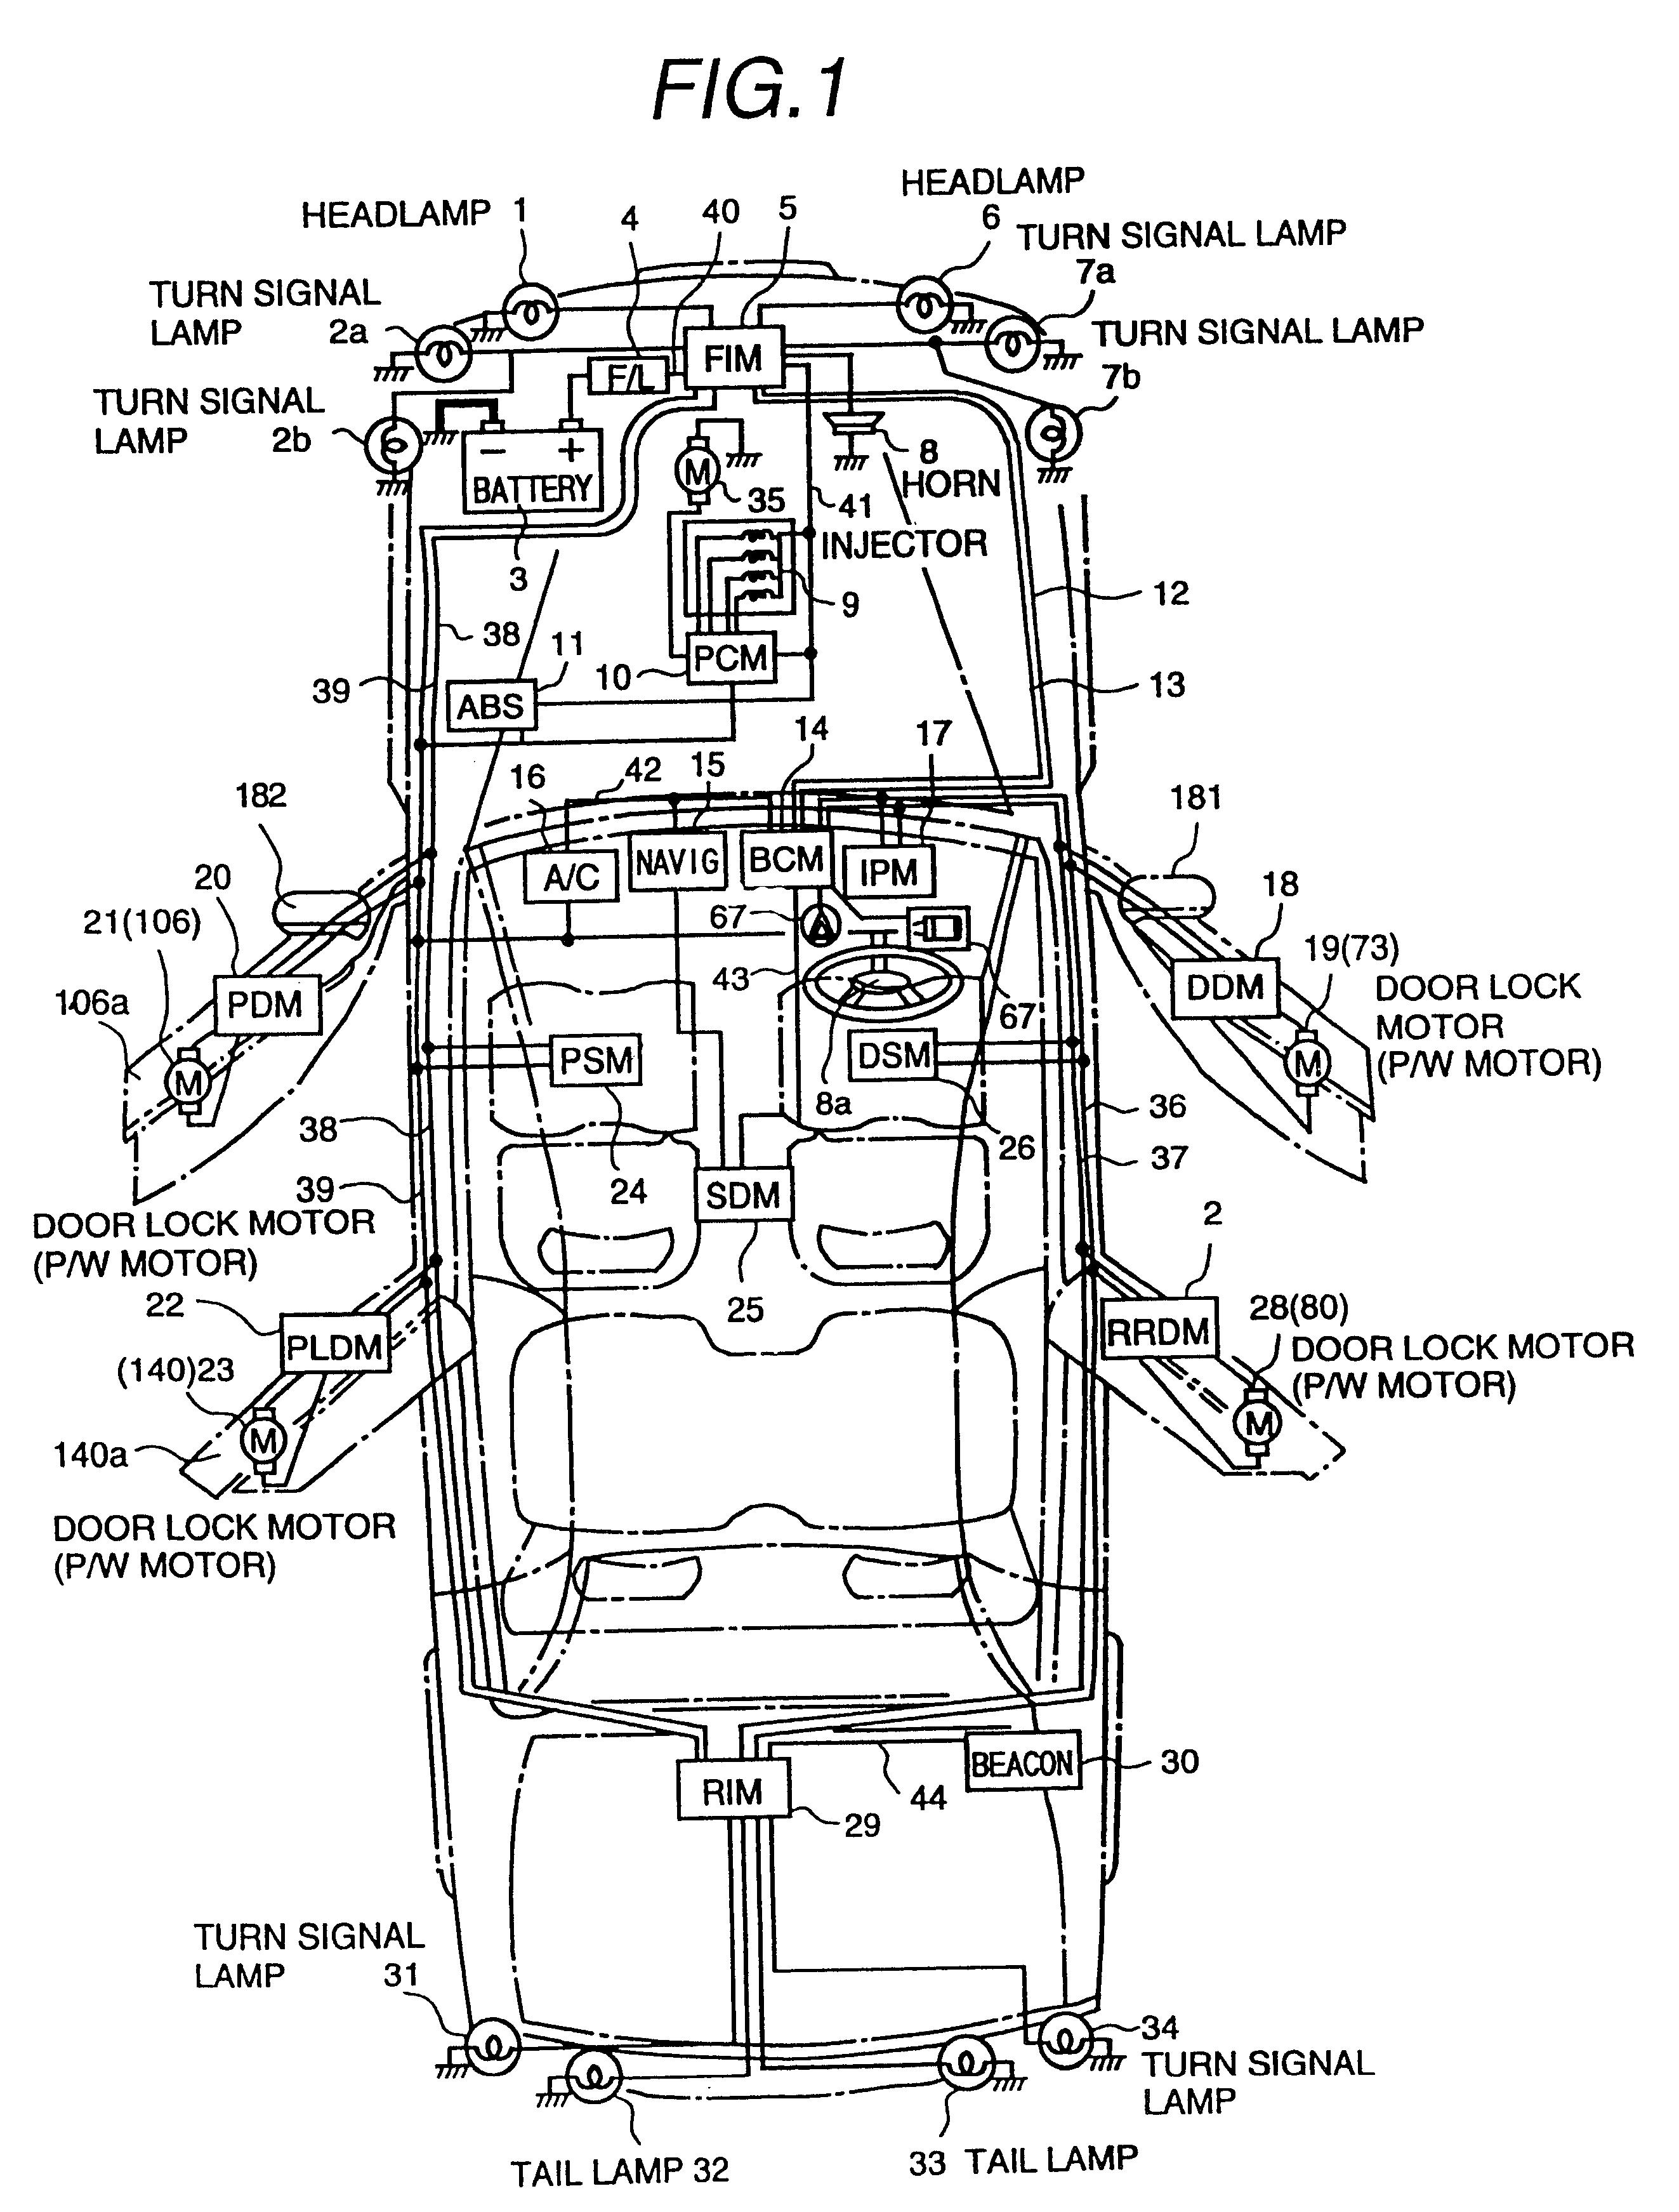 patent us6401891